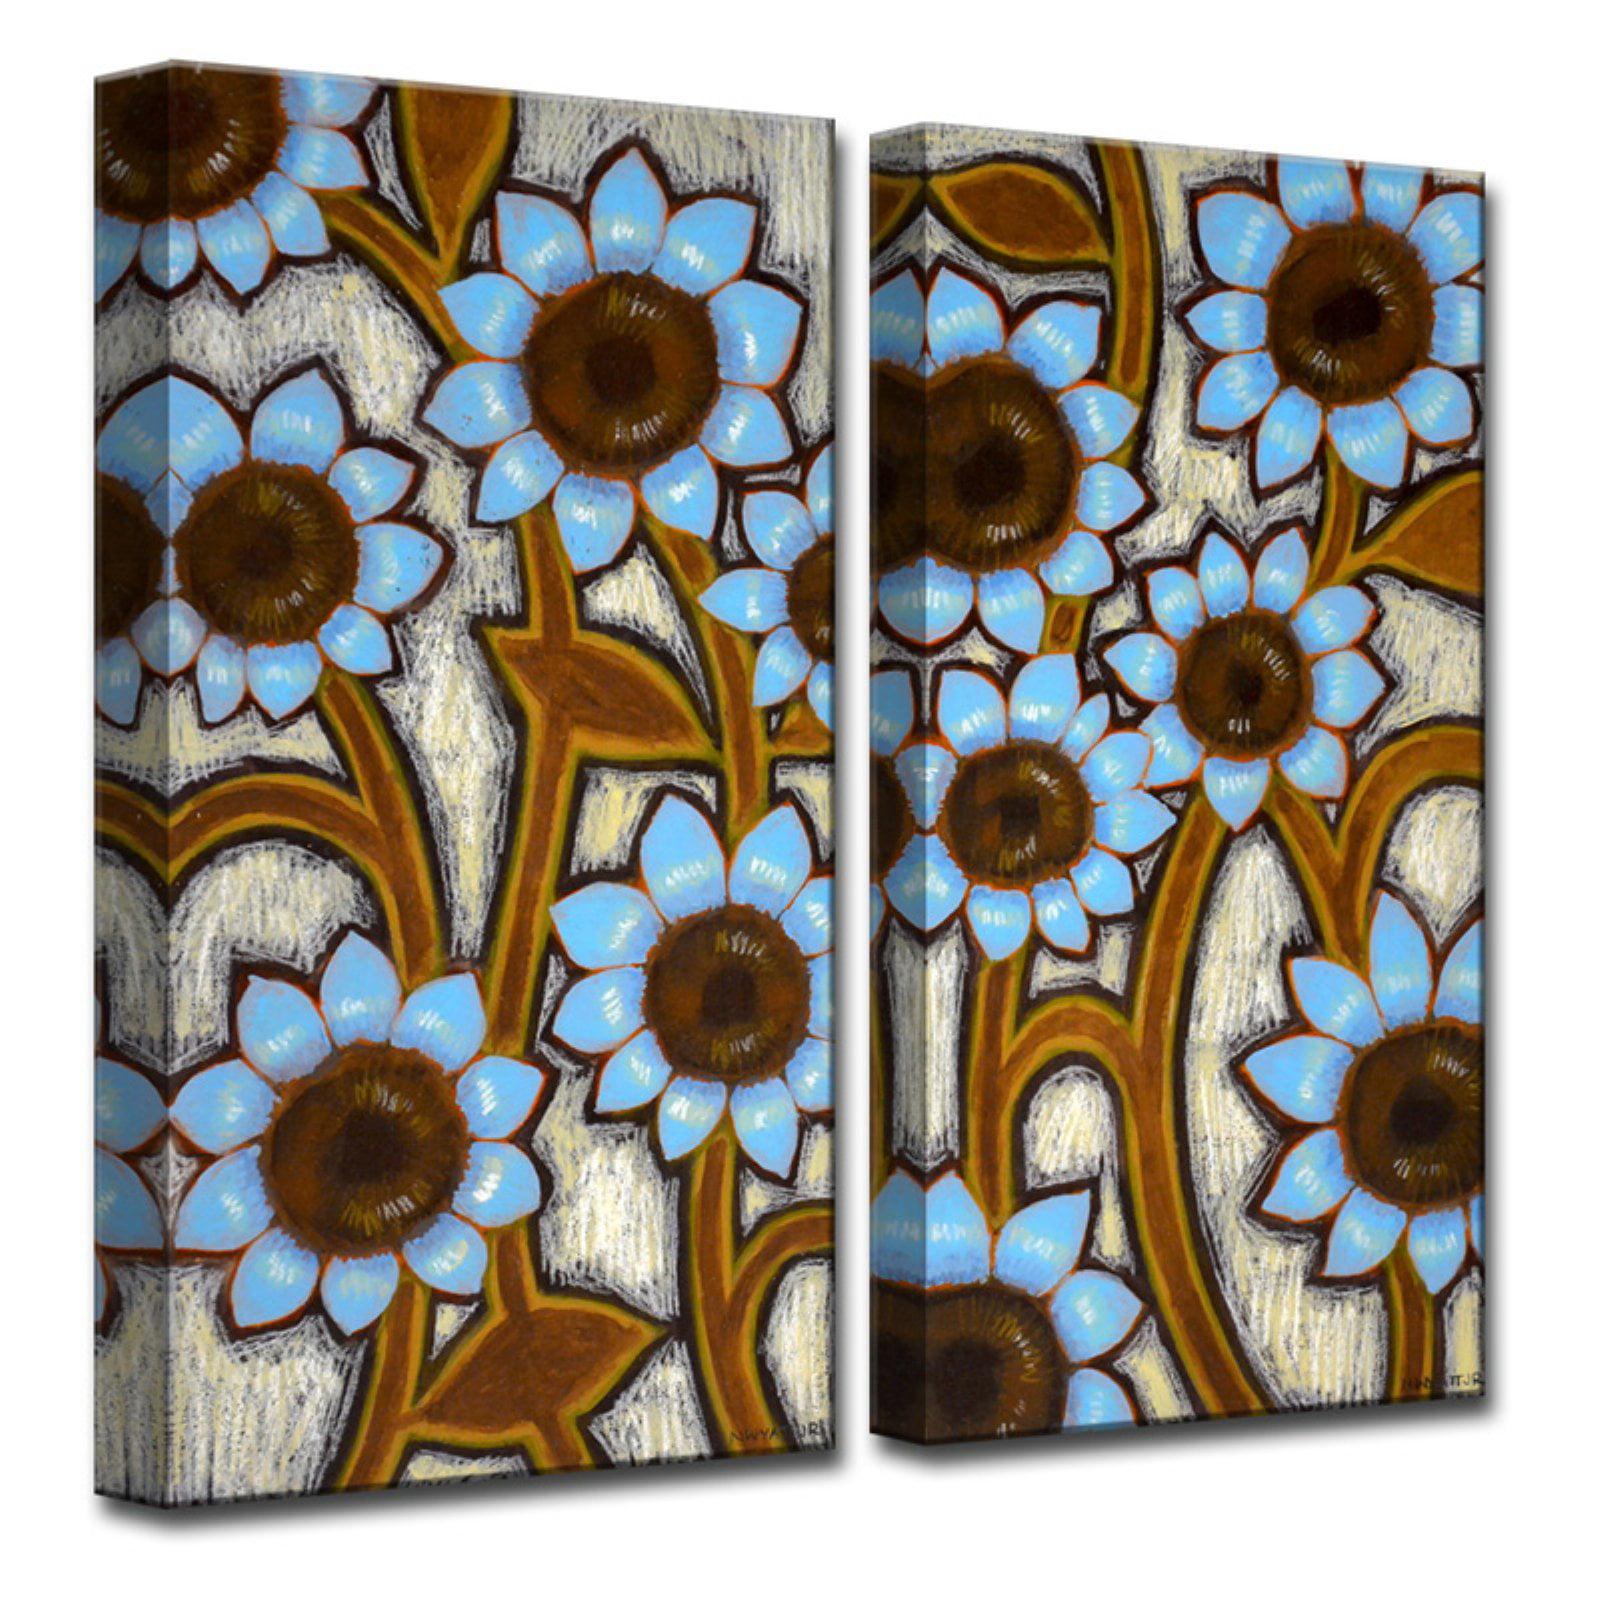 Ready2HangArt Blue Sunflowers Canvas Wall Art - Set of 2